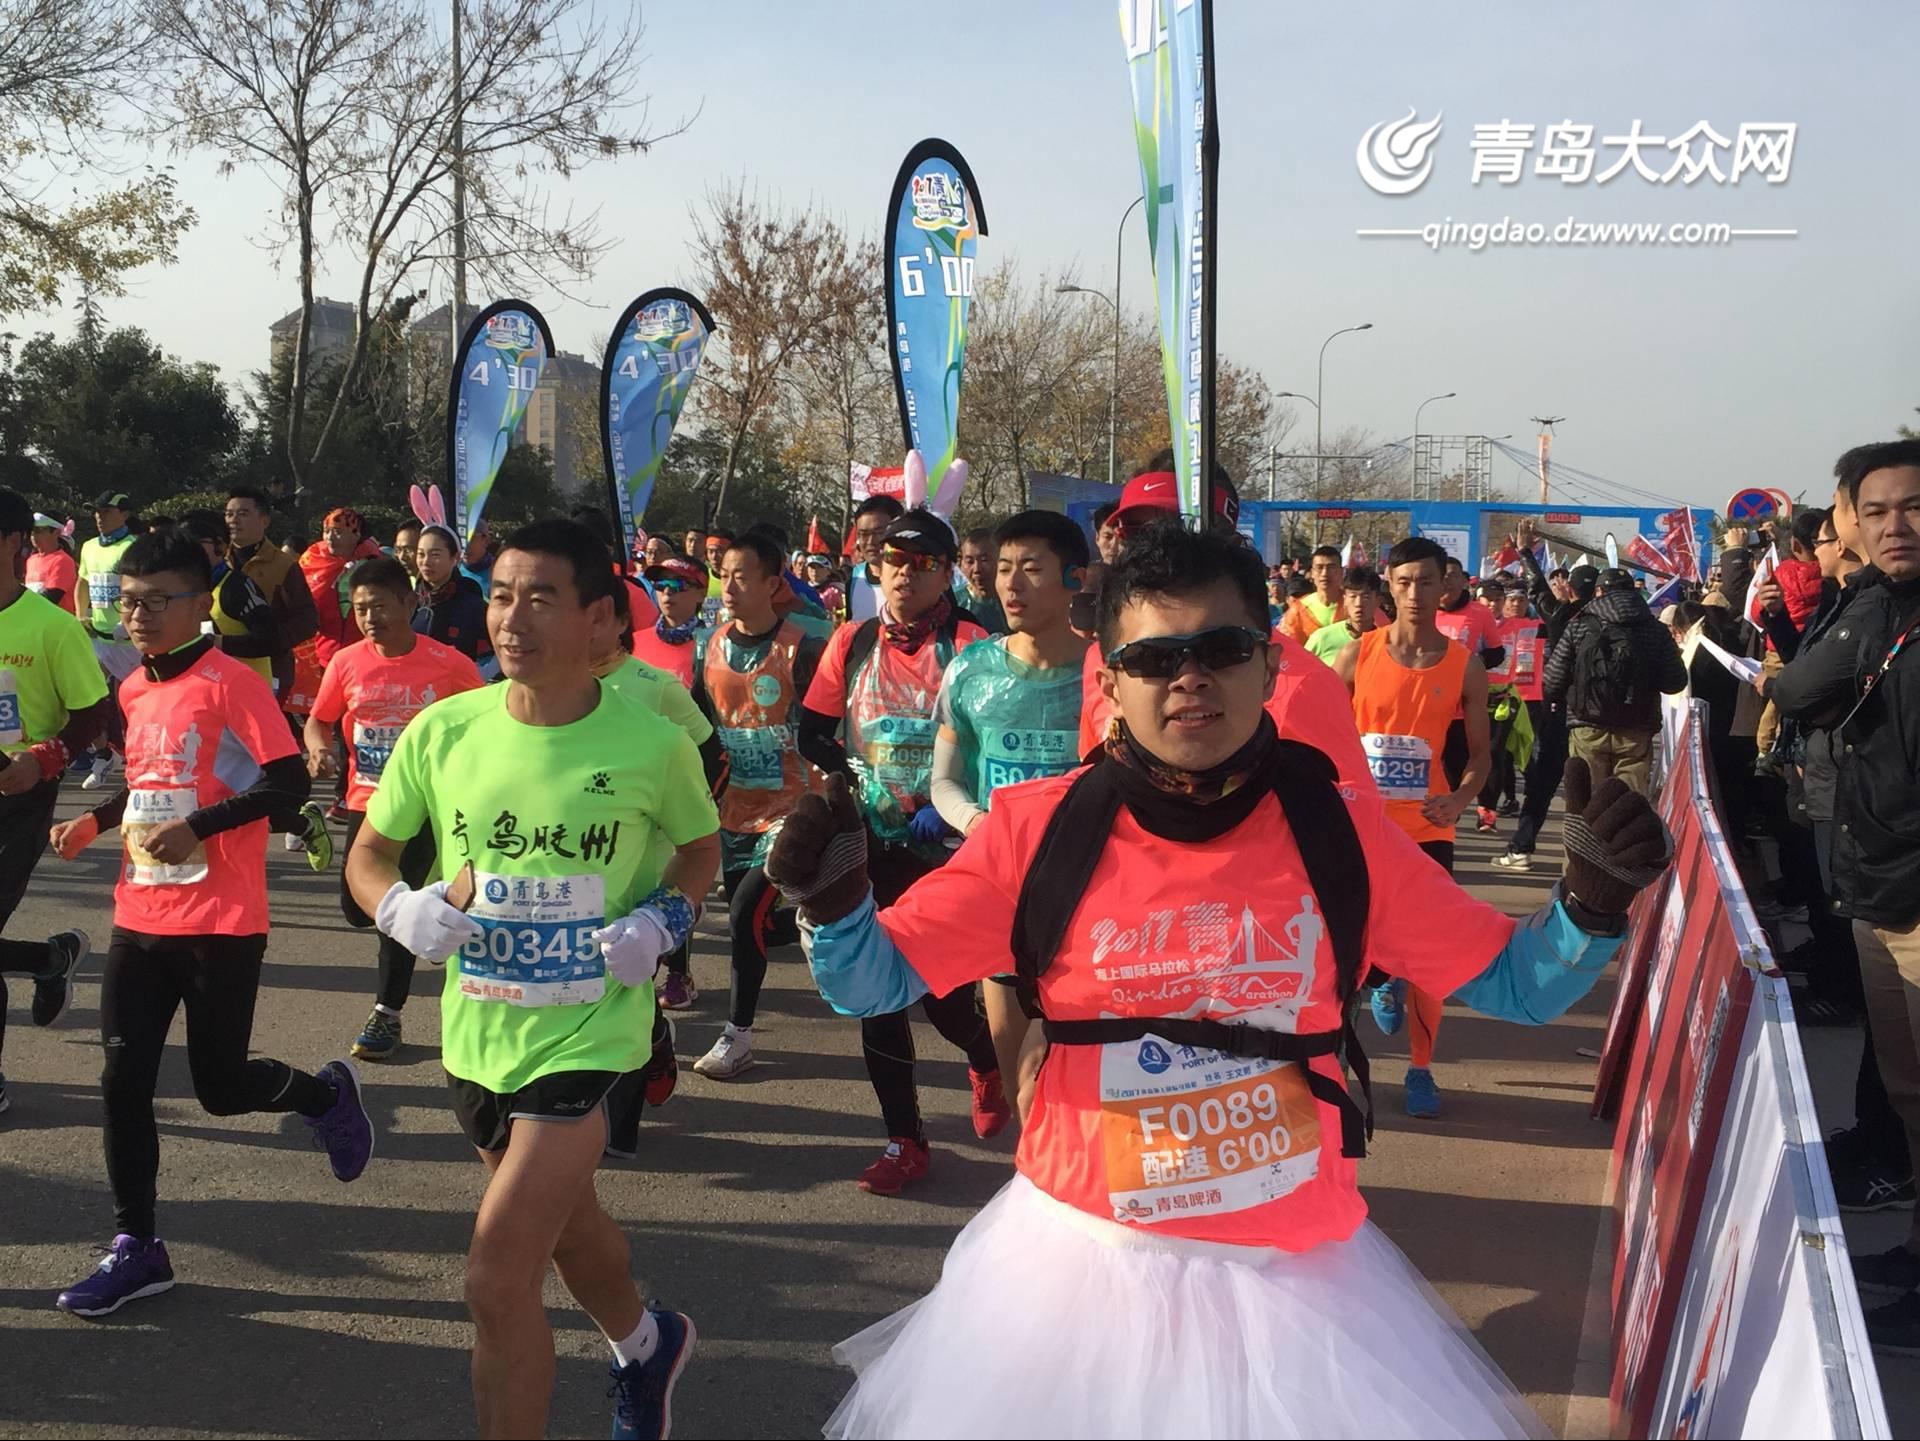 快讯:国内首个海上马拉松在青岛跨海大桥震撼开跑